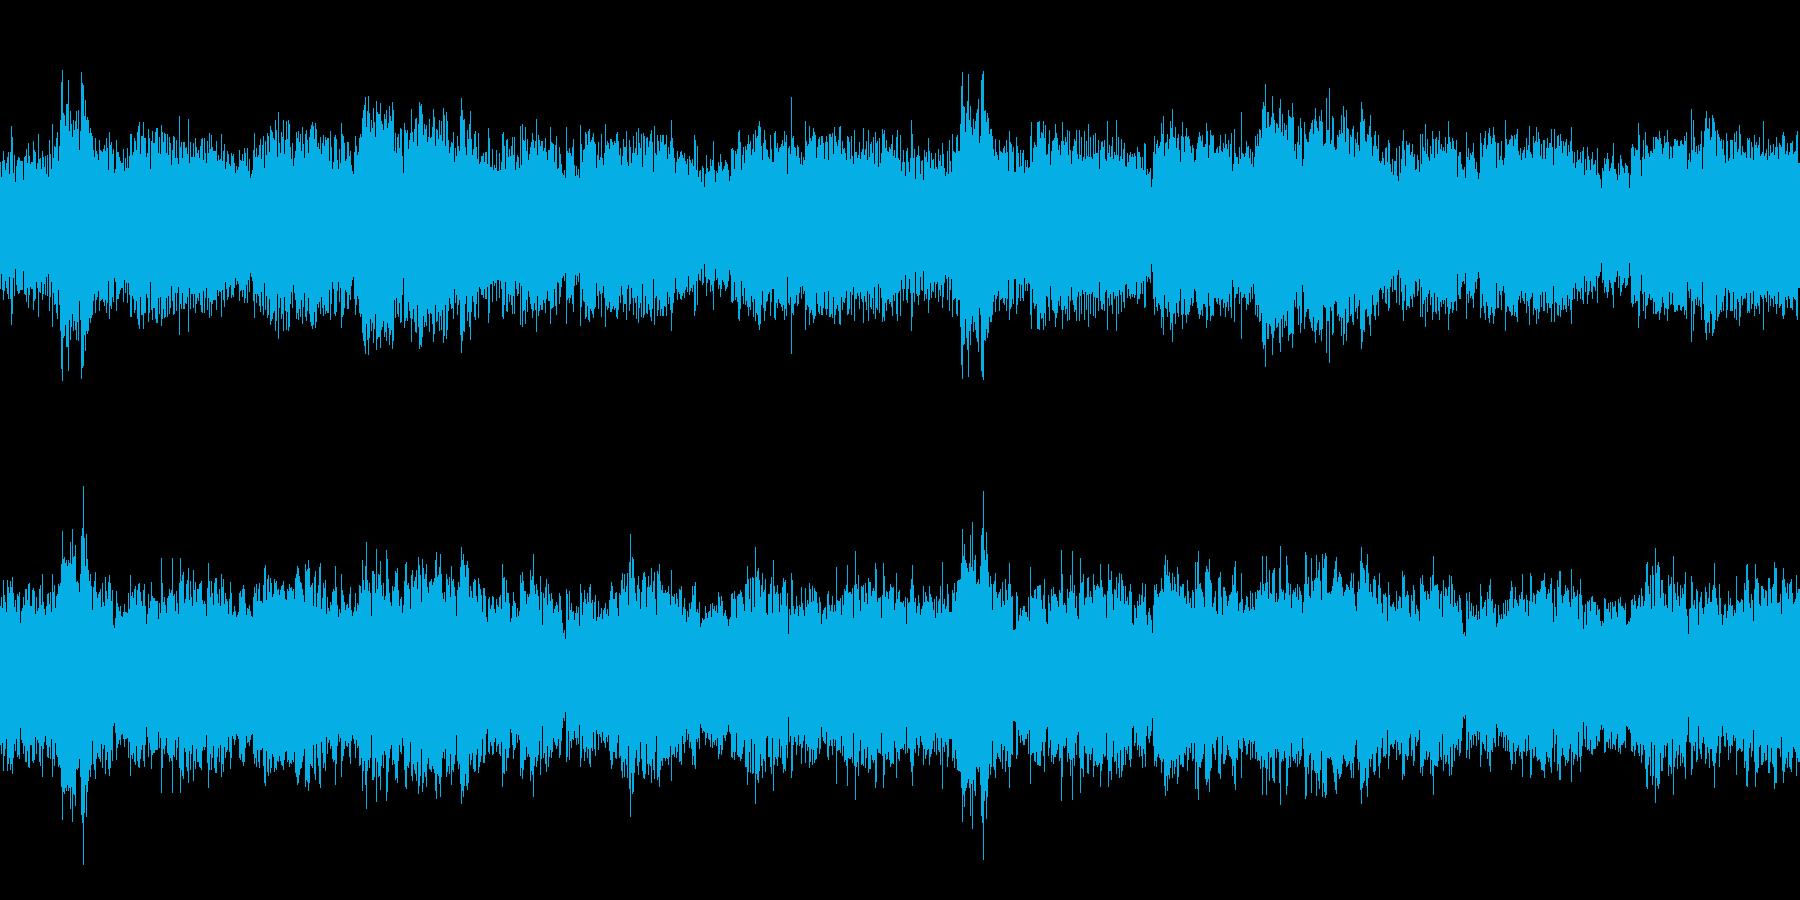 森の陶酔 ヒーリング リラクゼーションの再生済みの波形